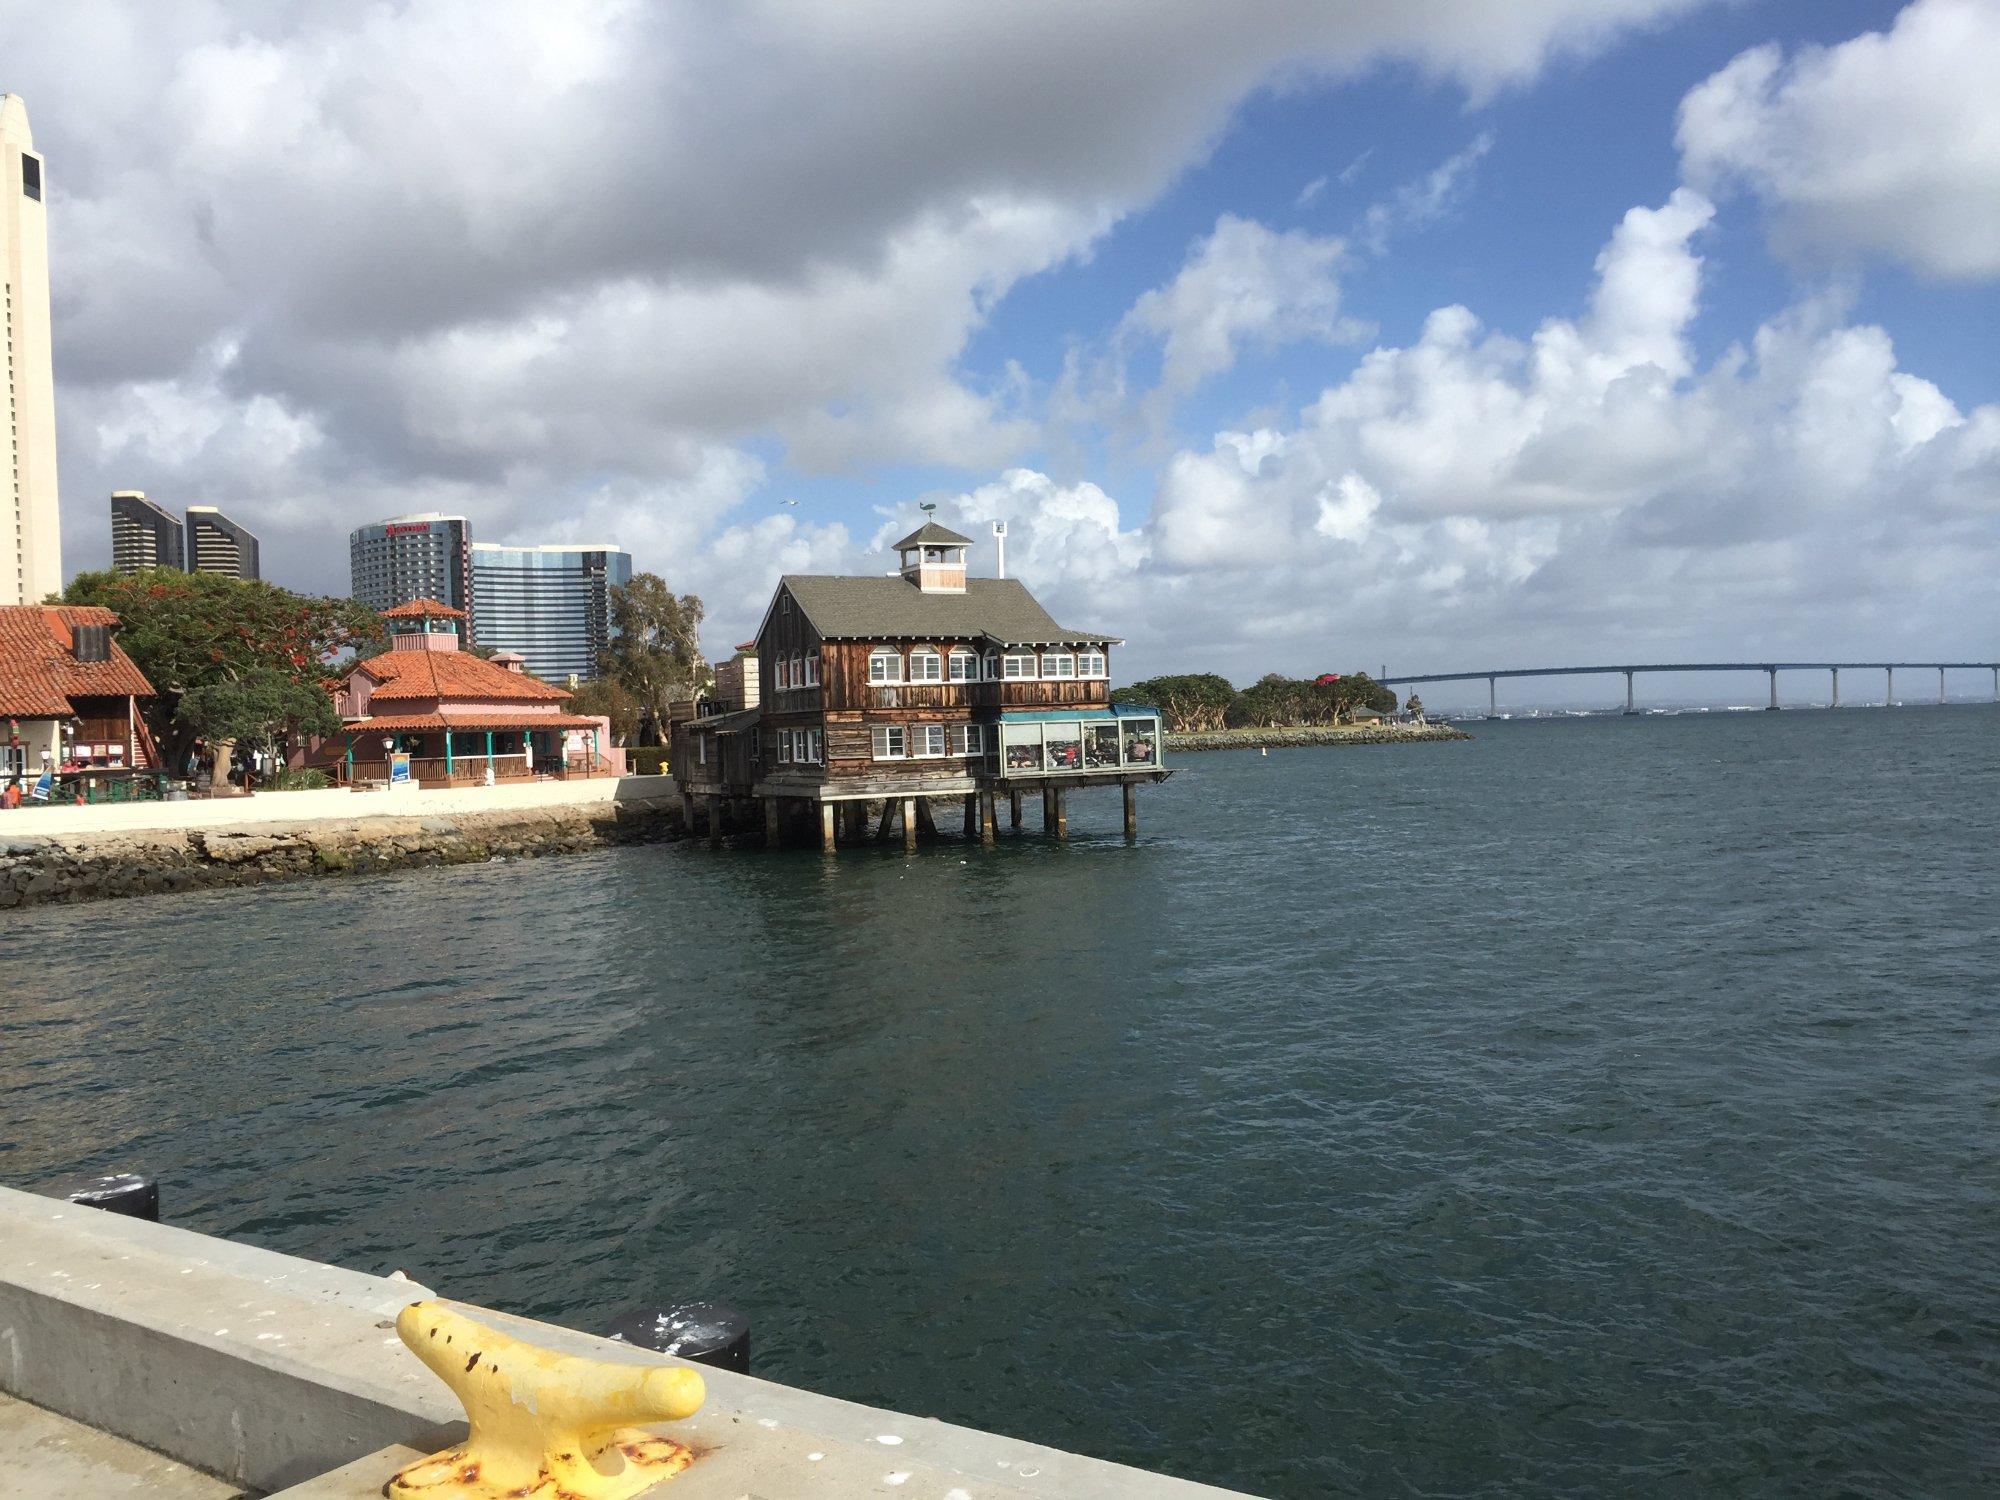 Seaport Village Sandiego looking towards Coronado Bridge